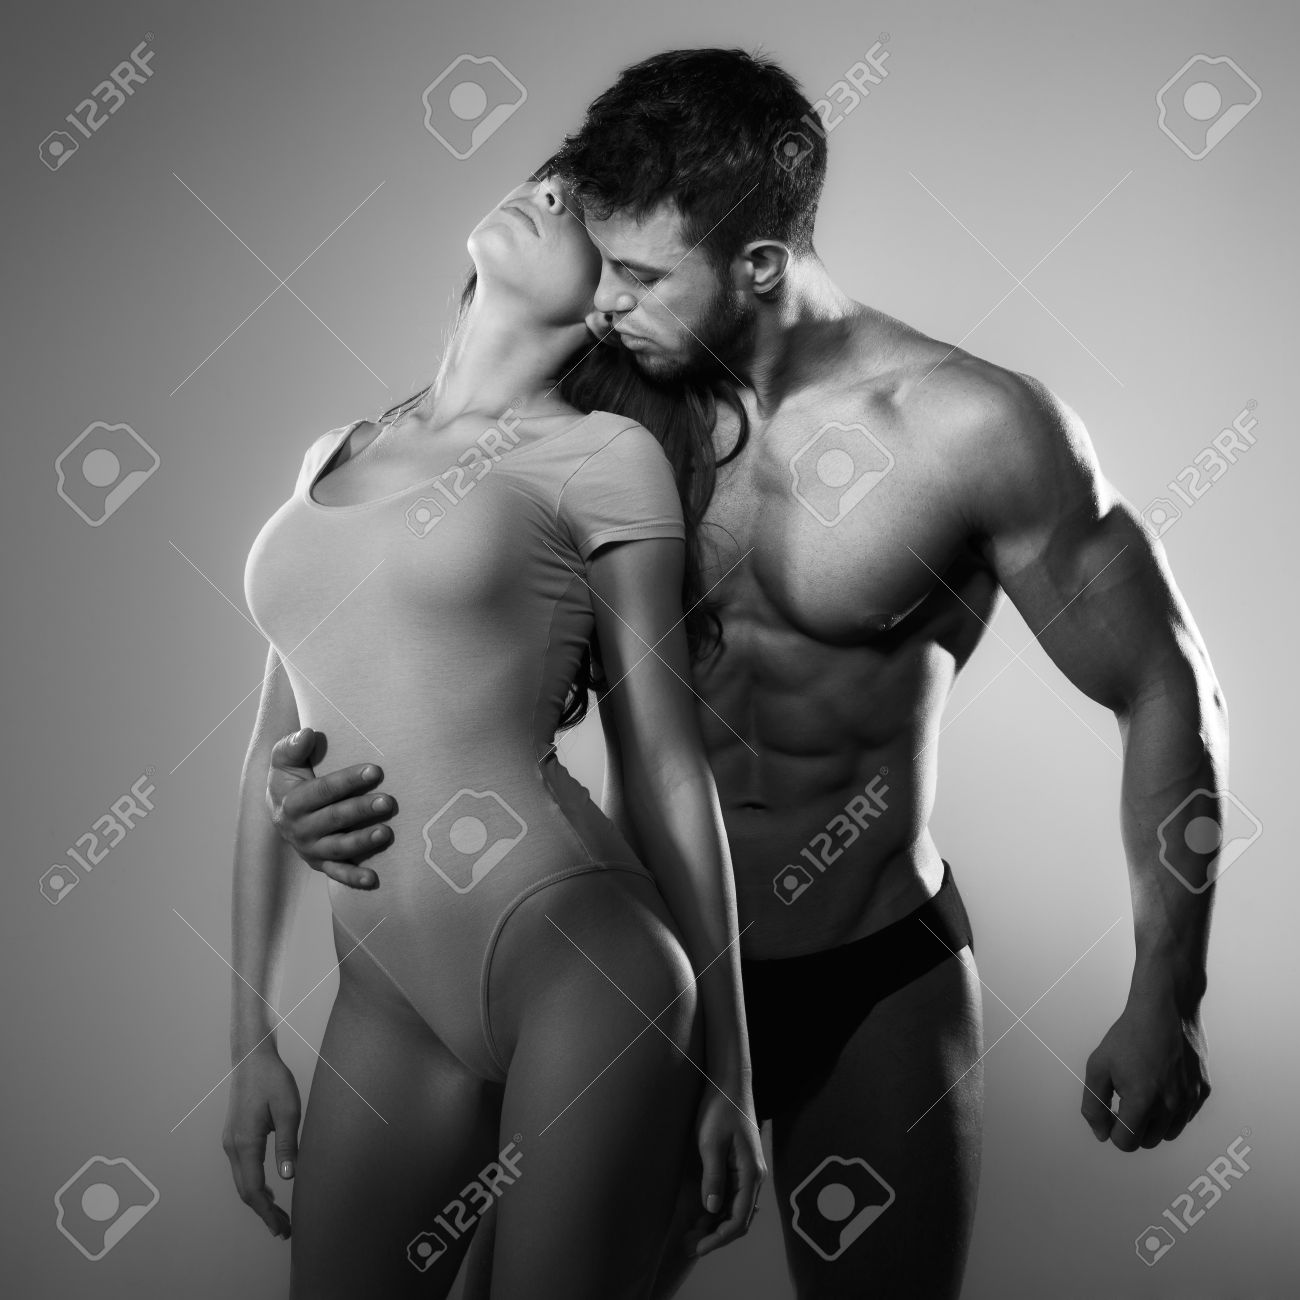 Чувственные фото мужчина и женщина 11 фотография